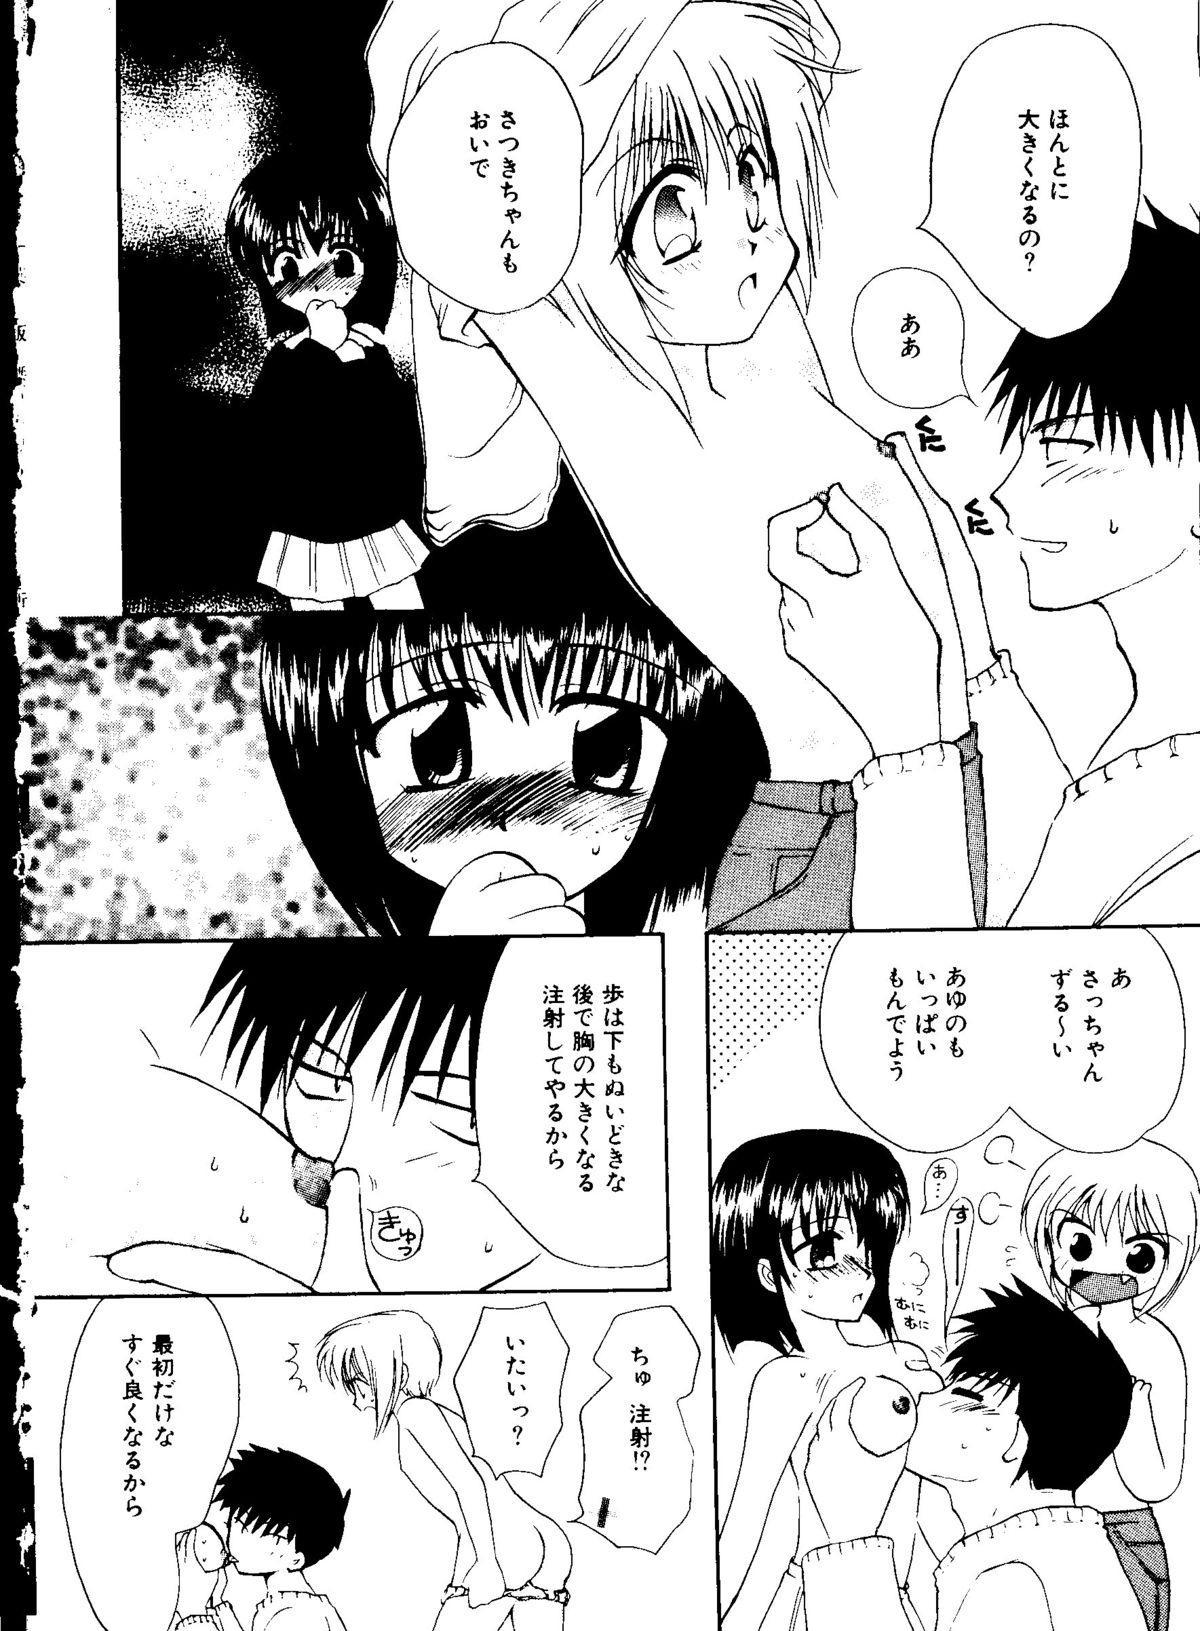 Mujirushi Youhin Vol. 7 68